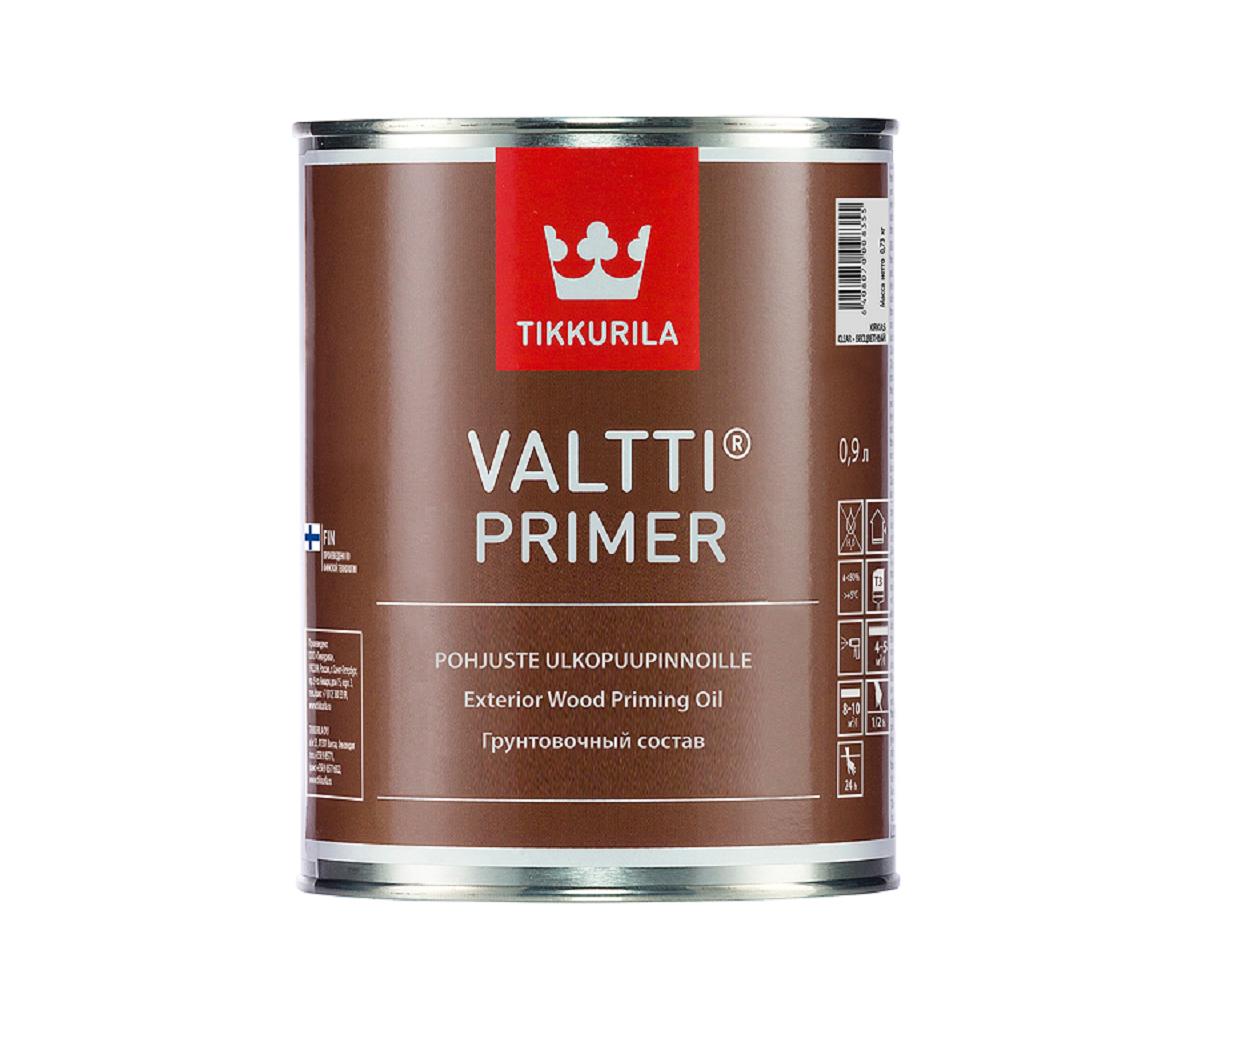 Грунтувальний антисептик для дерева Tikkurila Валтті Праймер Valtti Primer 0.9л